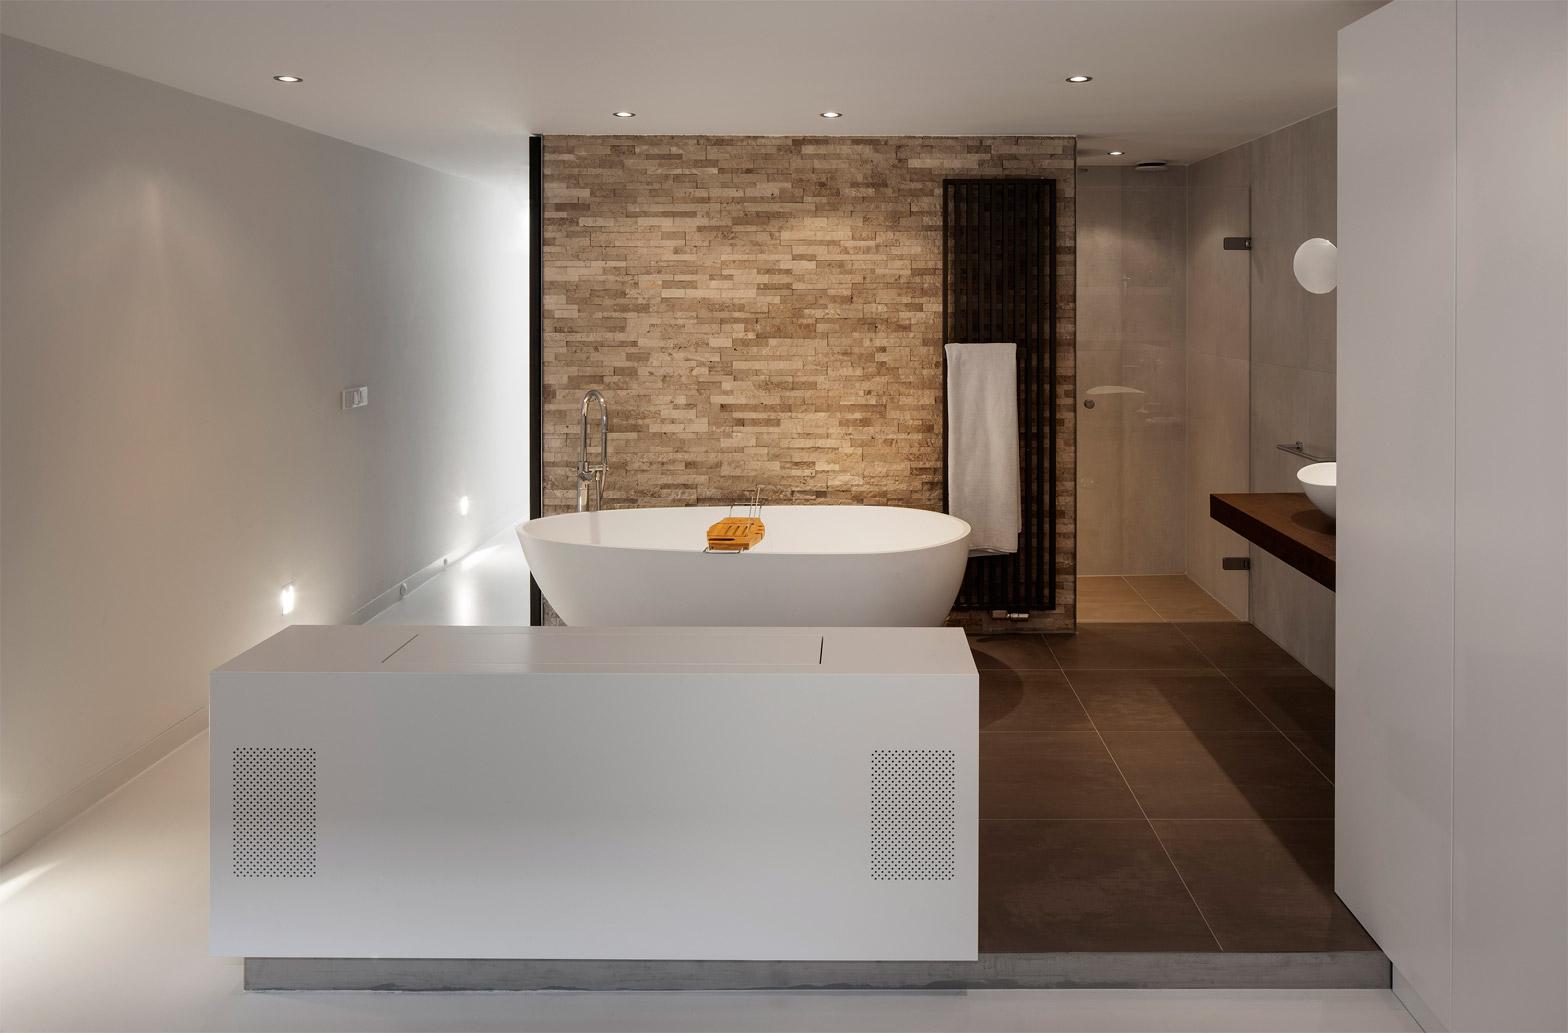 Baño de diseño de la casa